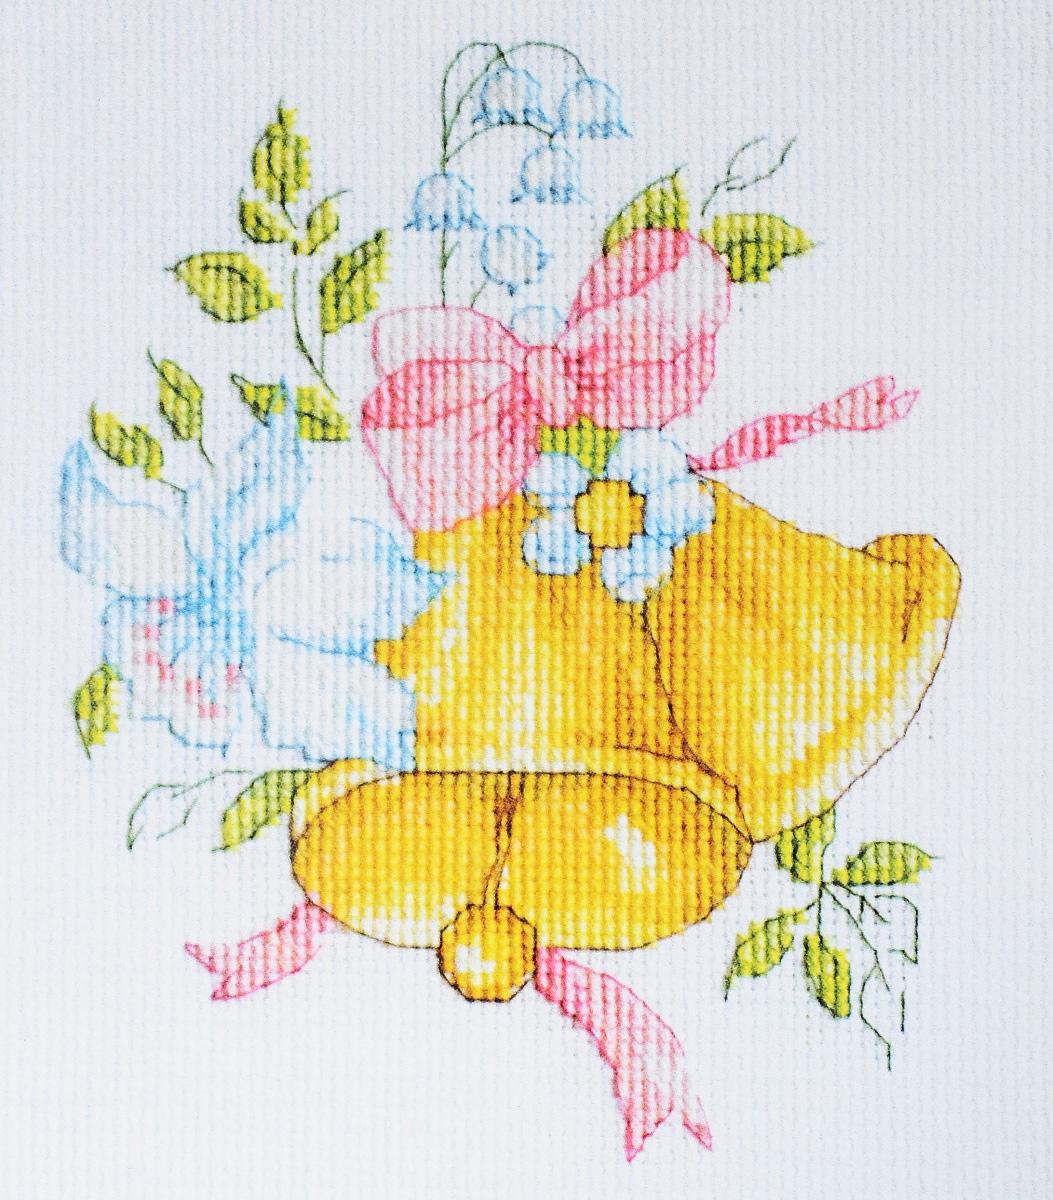 Набор для вышивания крестом Luca-S Колокольчики, 12 х 15 смB128Набор для вышивания крестом Luca-S Колокольчики поможет создать красивую вышитую картину. Рисунок- вышивка, выполненный на канве, выглядит стильно и модно. Вышивание отвлечет вас от повседневных забот и превратится в увлекательное занятие! Работа, сделанная своими руками, не только украсит интерьер дома, придав ему уют и оригинальность, но и будет отличным подарком для друзей и близких! Набор содержит все необходимые материалы для вышивки на канве в технике счетный крест. В набор входит: - канва Aida 14 Zweigart (белого цвета), - нитки мулине Anchor - 100% мерсеризованный хлопок (24 цвета), - черно-белая символьная схема, - инструкция на русском языке, - игла.